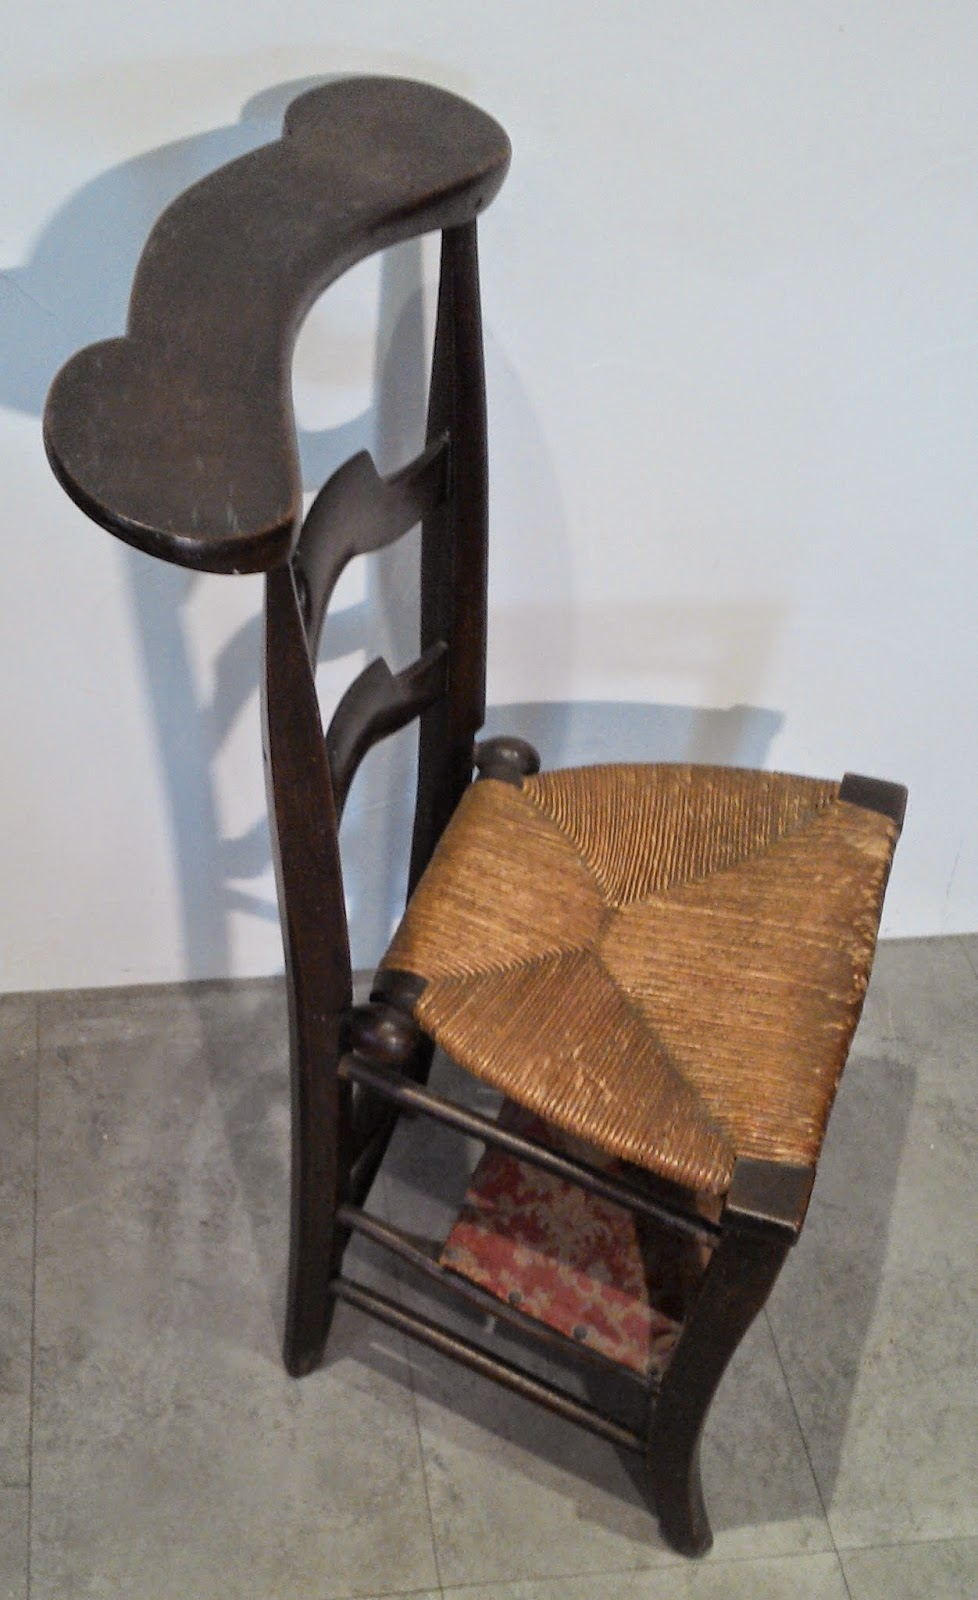 ancien prie dieu bois proven al religieux chaise paill e glise poque. Black Bedroom Furniture Sets. Home Design Ideas